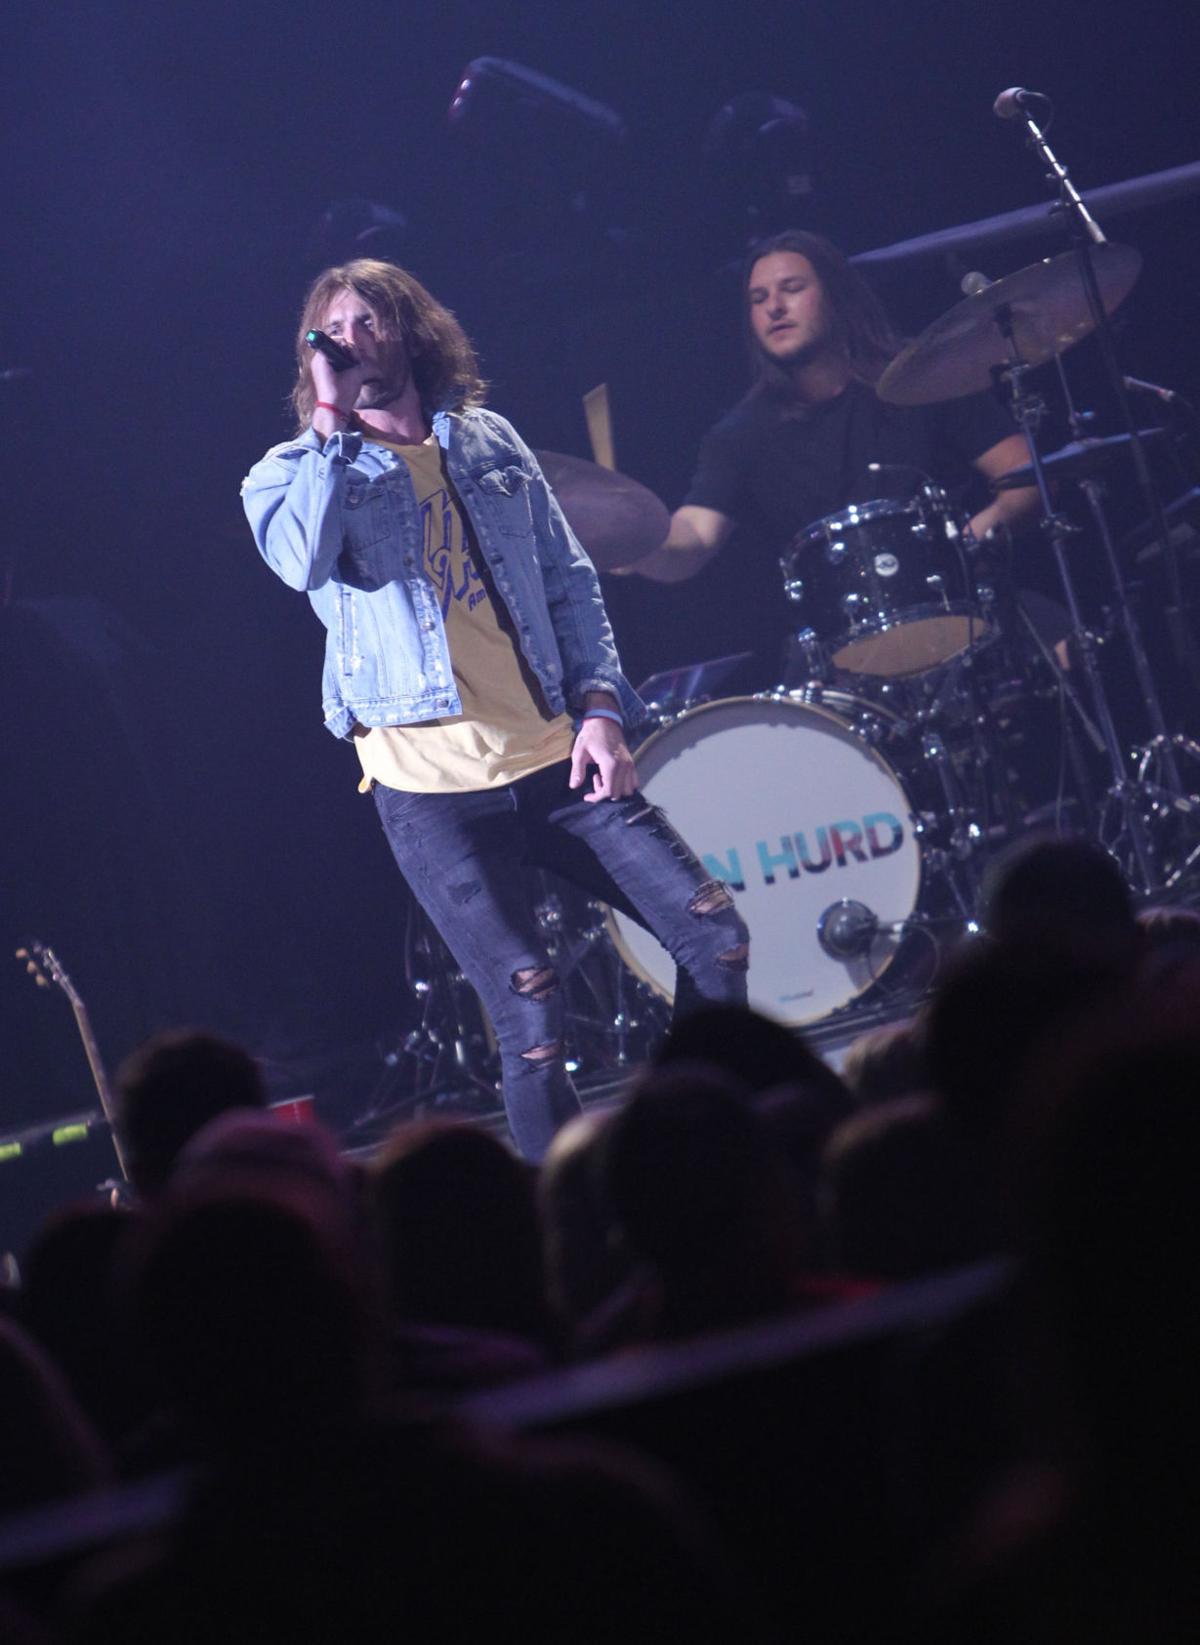 Hurd on stage